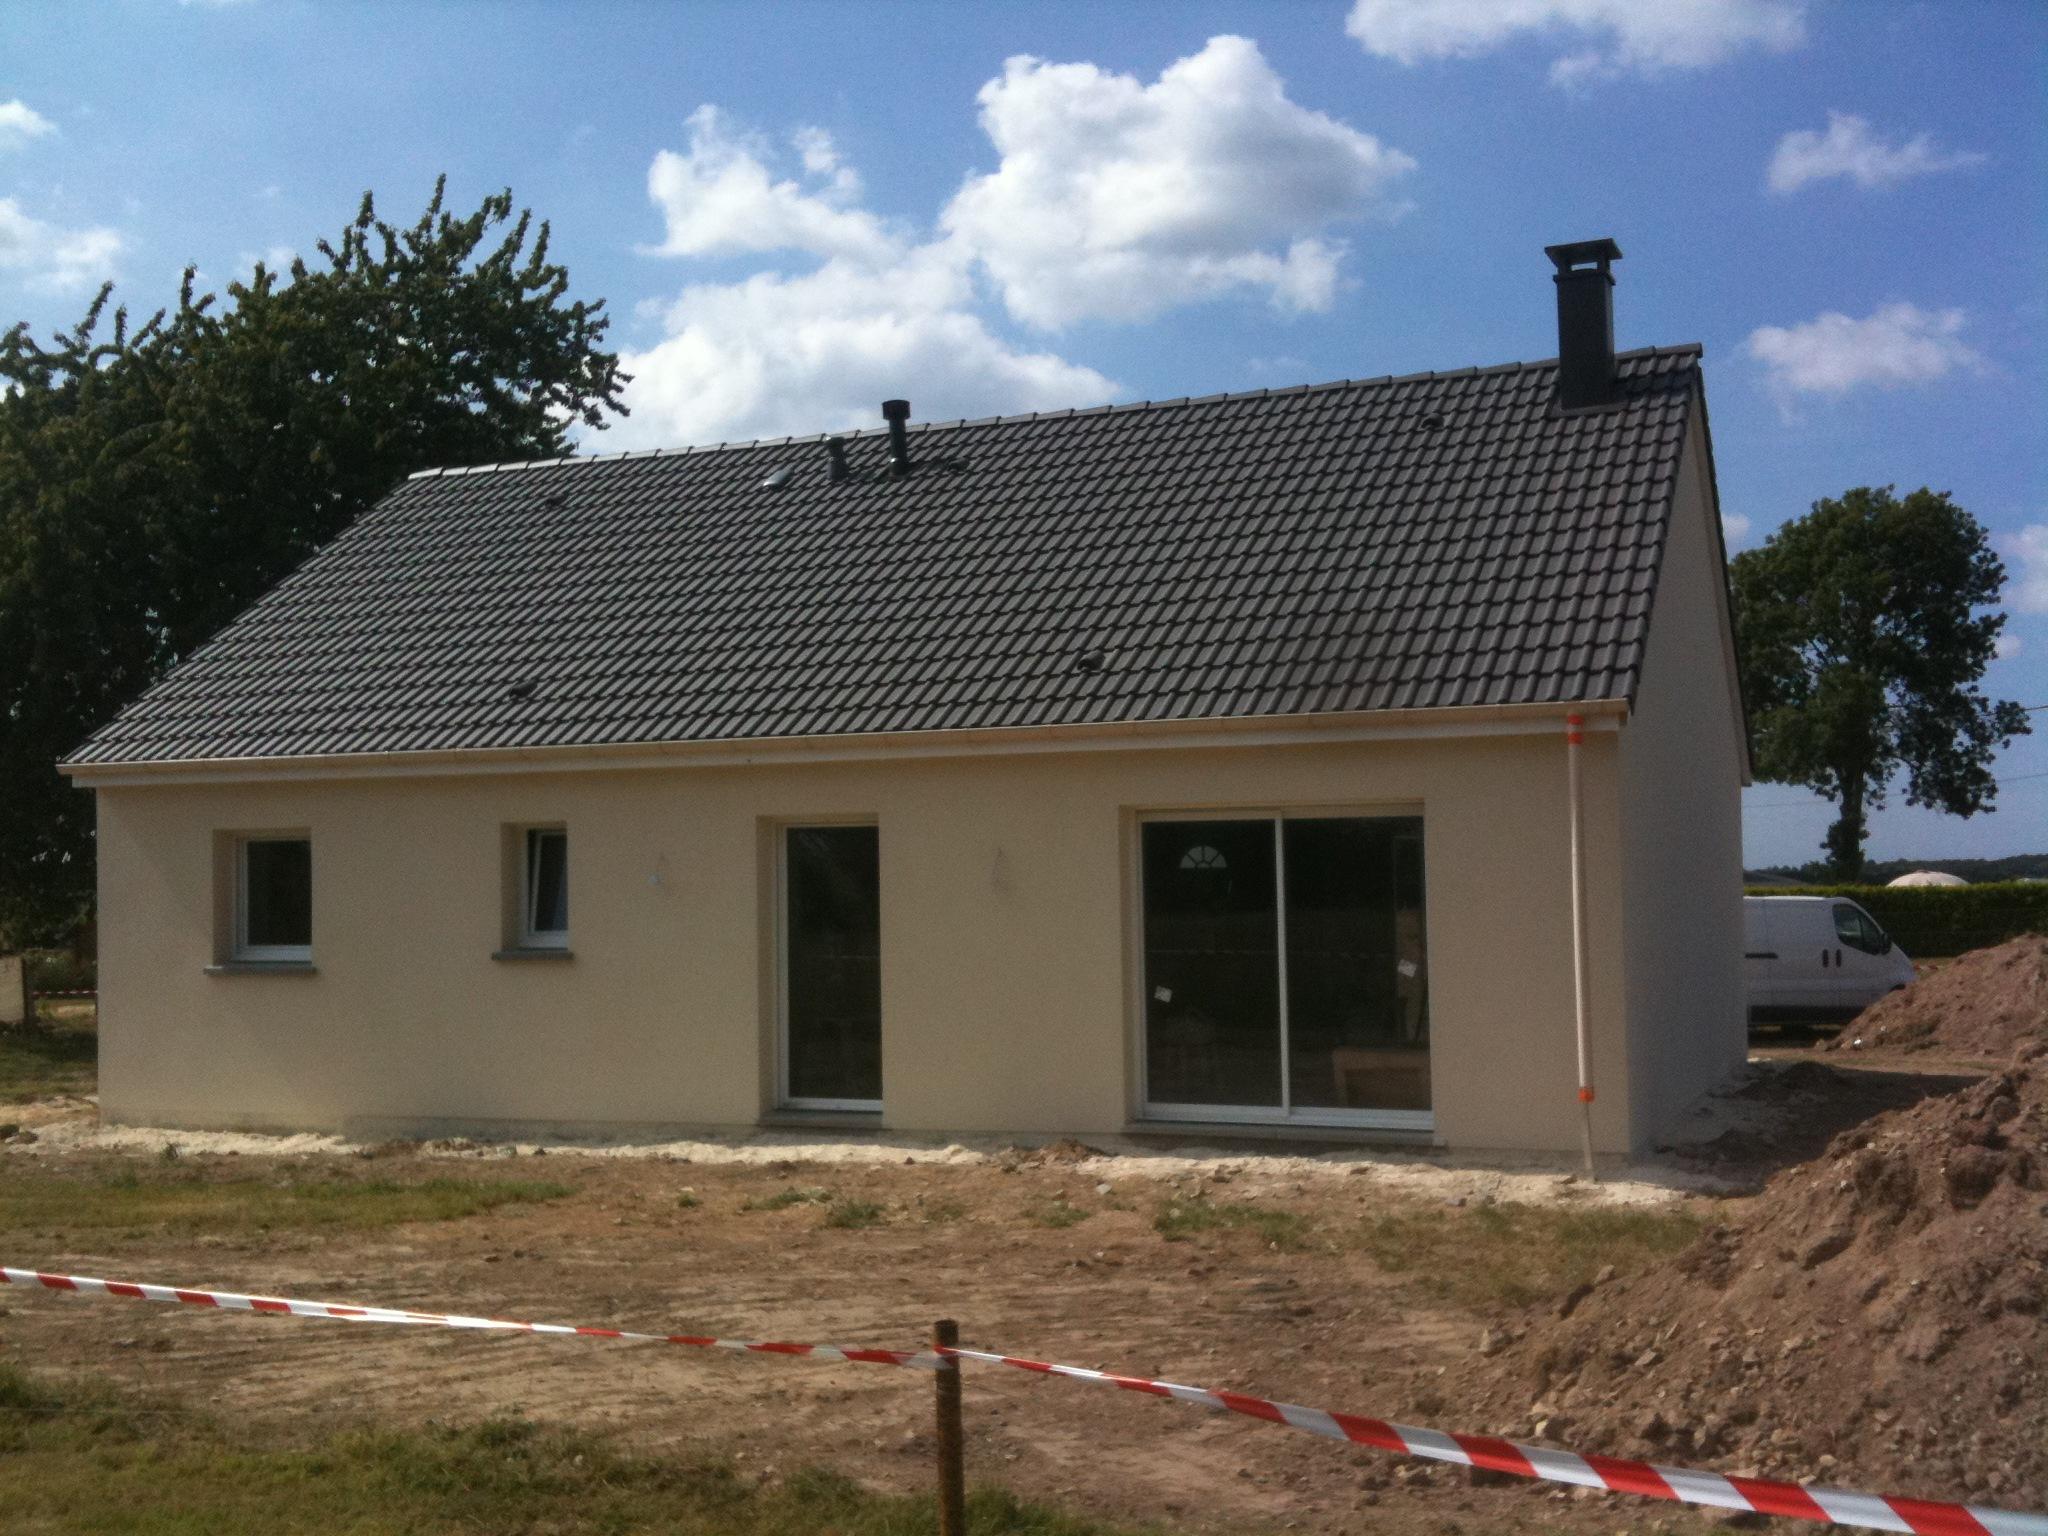 Maisons + Terrains du constructeur MAISON FAMILIALE RENNES • 97 m² • BOURG DES COMPTES